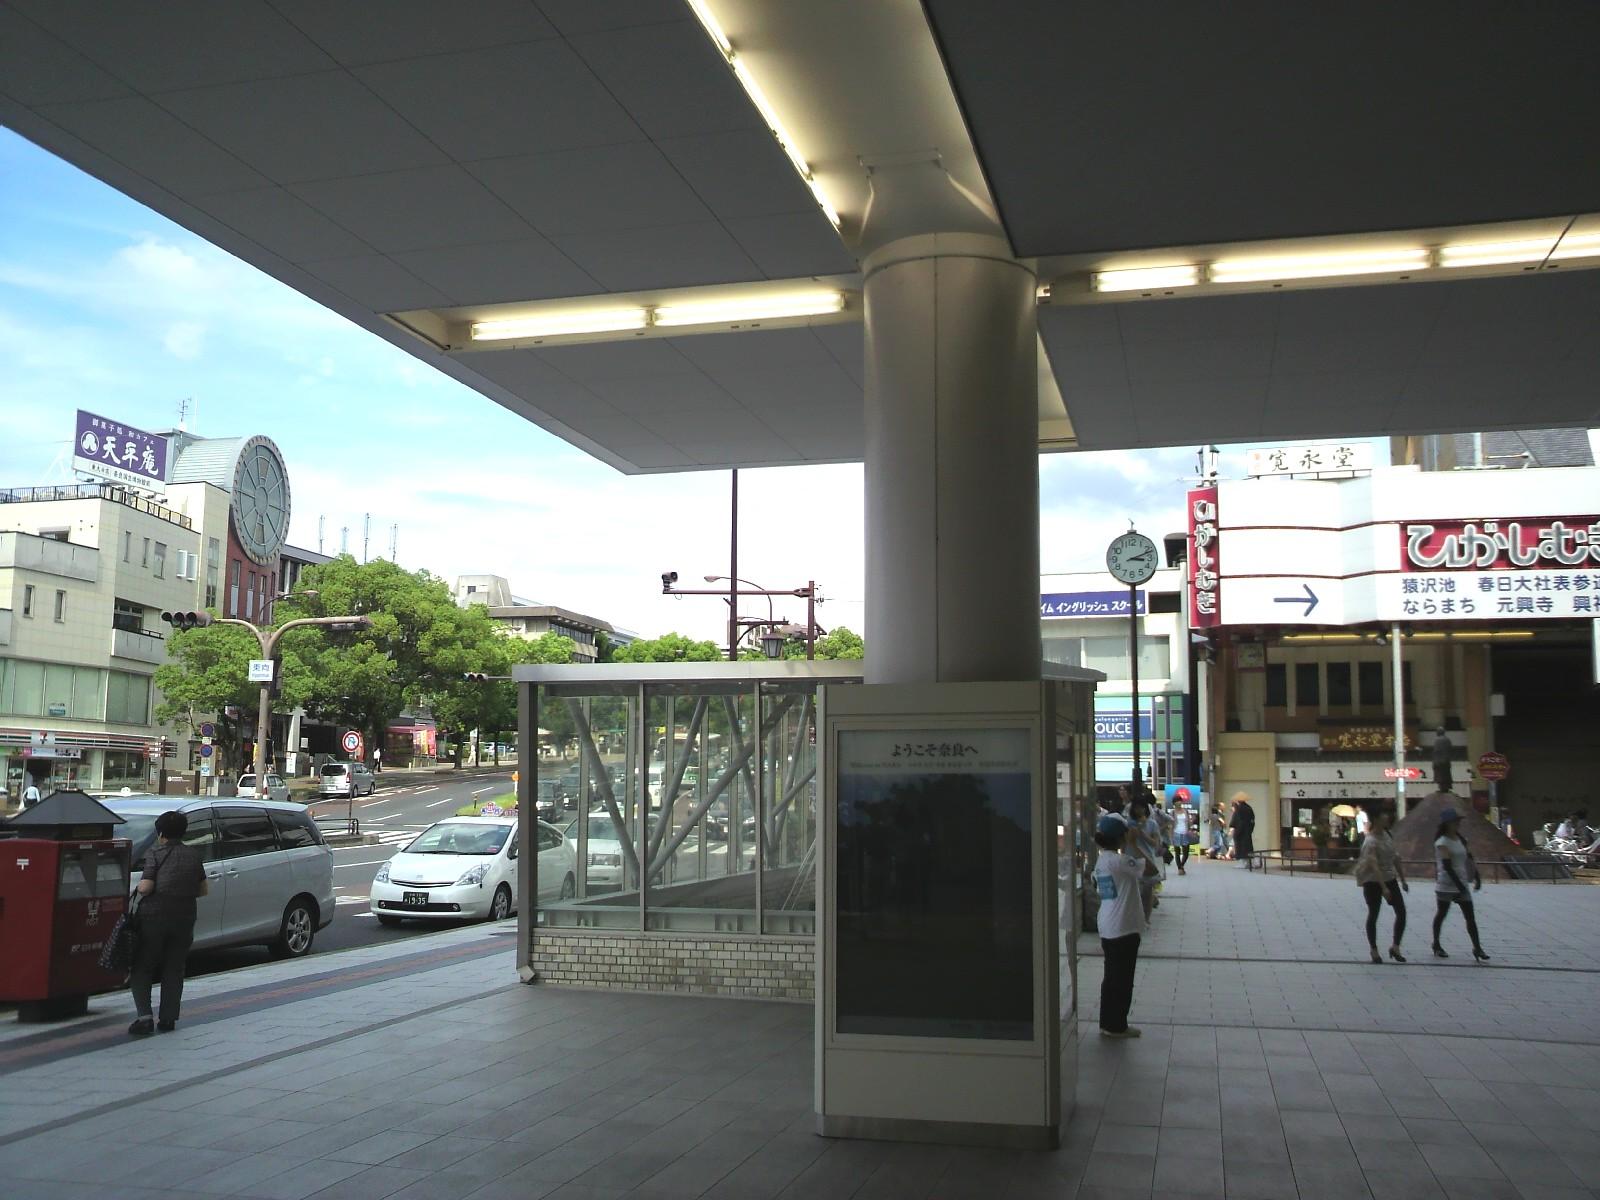 近鉄奈良駅ビル内側からみた景観